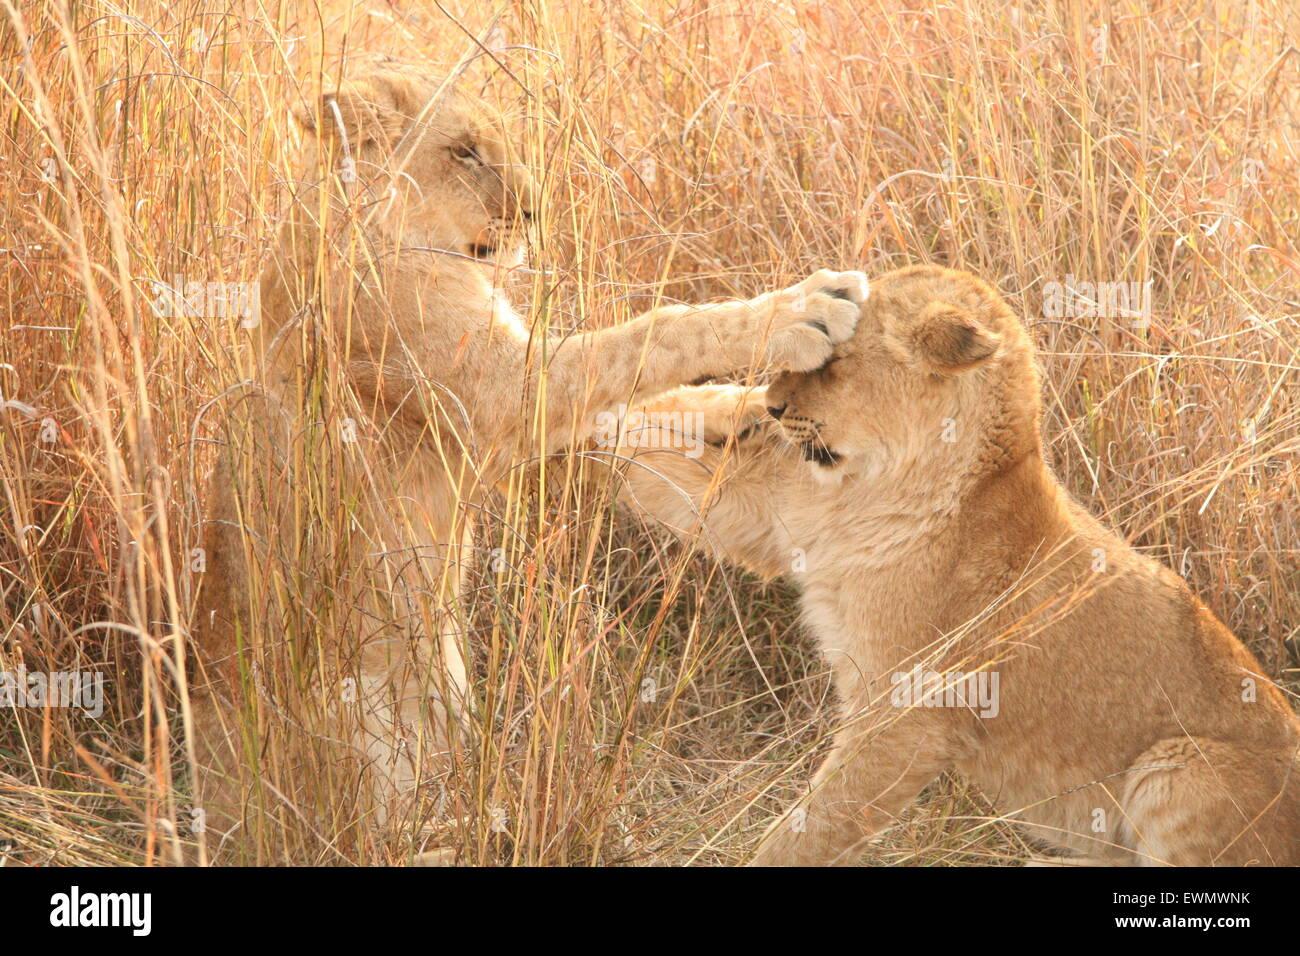 Lion Cubs giocare combattimenti, Sud Africa Immagini Stock